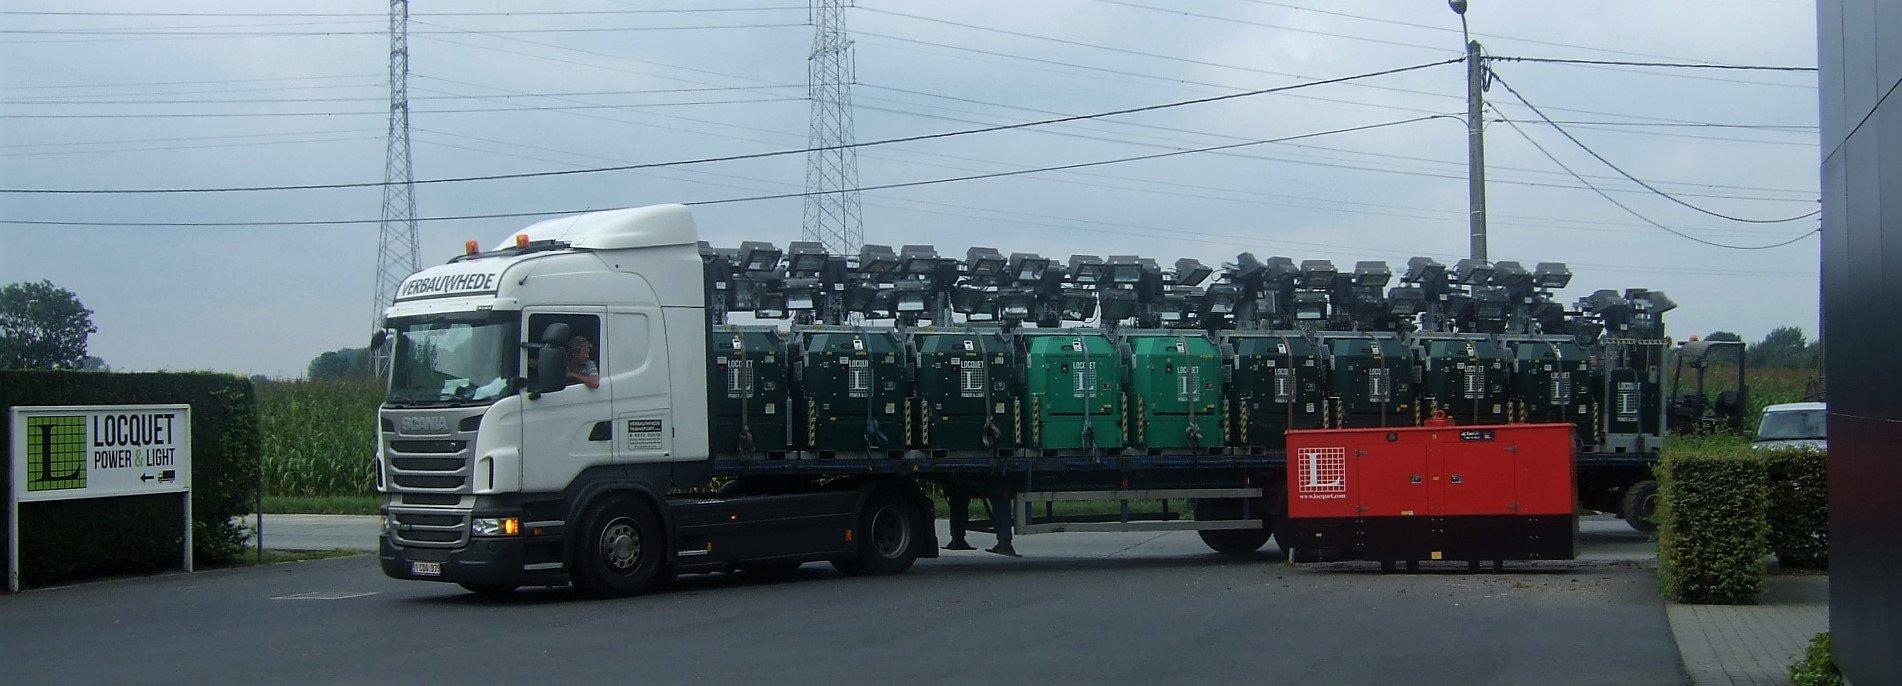 Volle vracht lichtmasten met generator voor parkingverlichting events.jpg